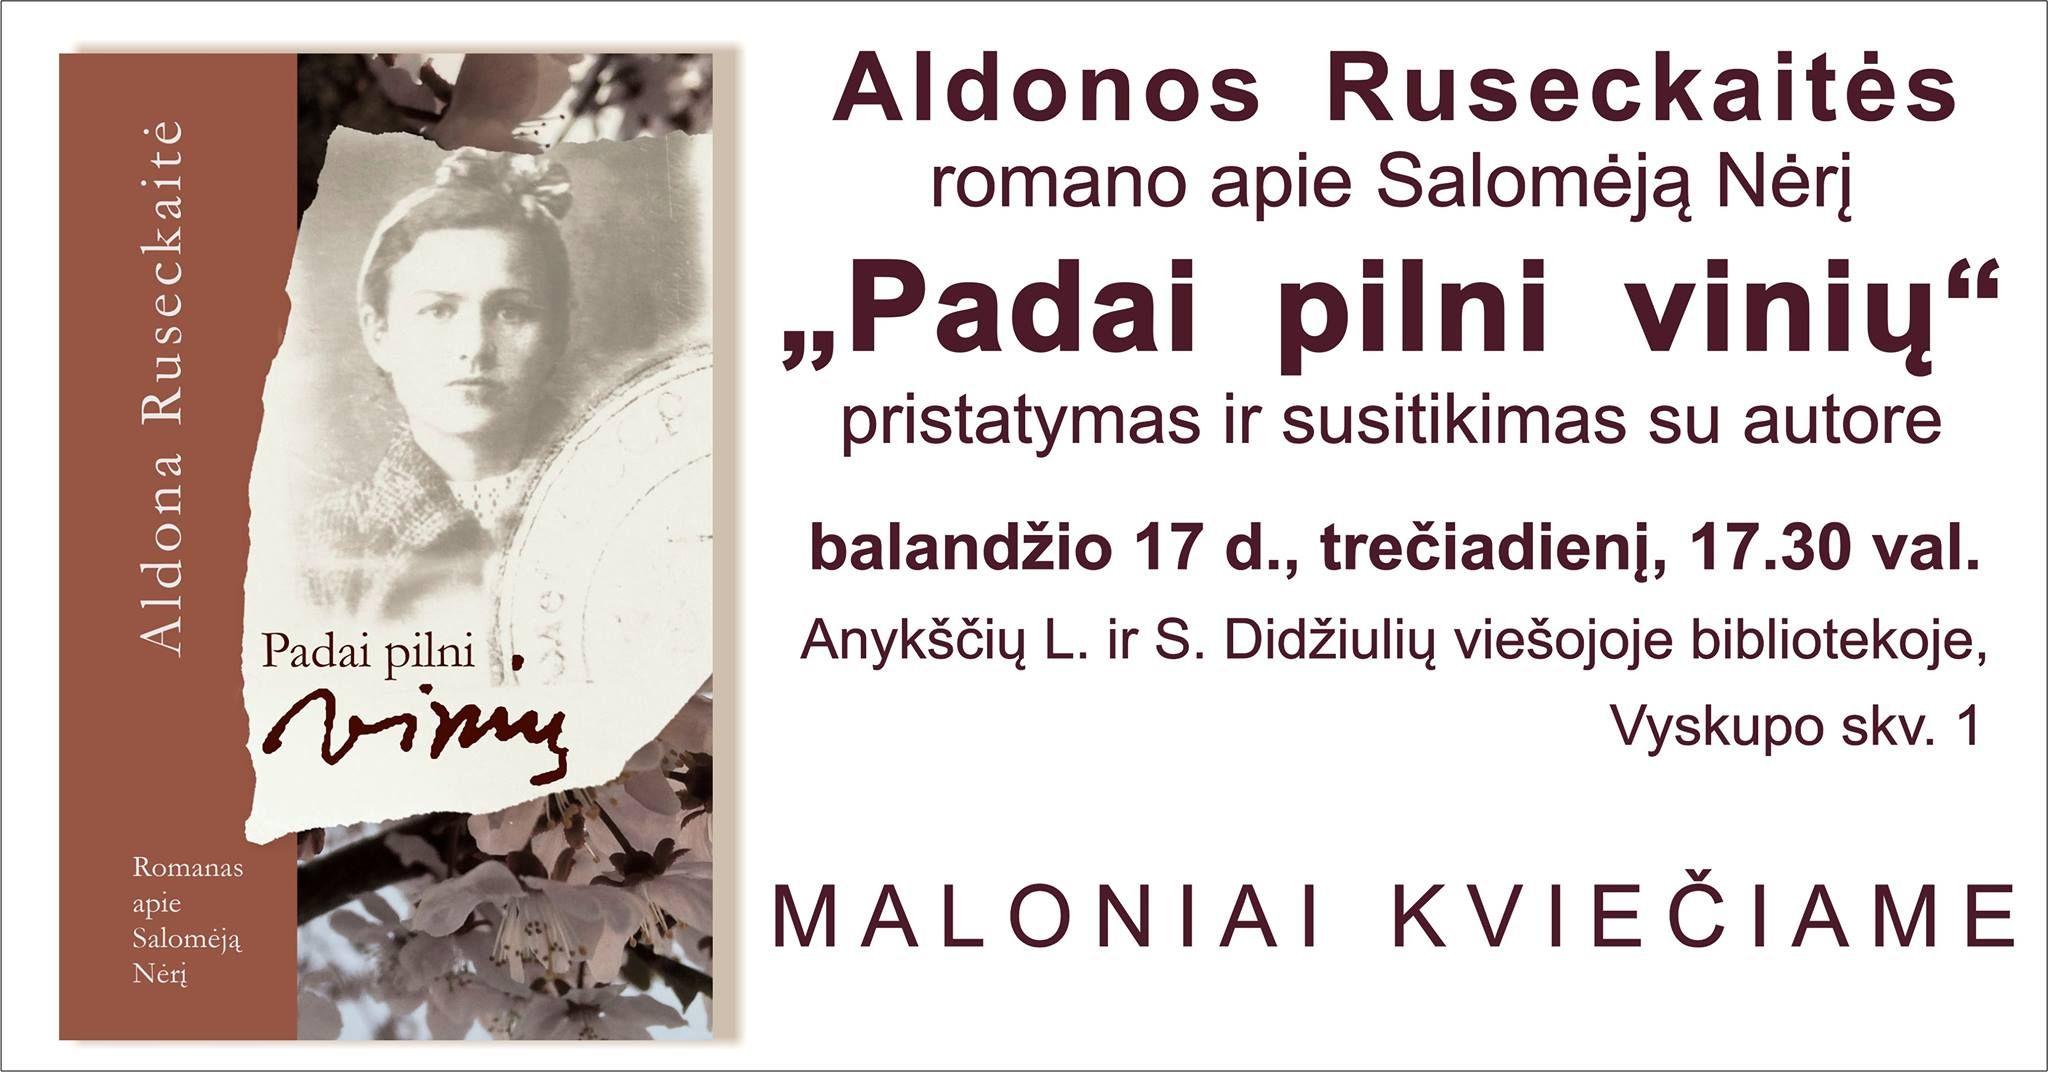 Aldonos Ruseckaitės knygos apie Salomėją Nėrį pristatymas